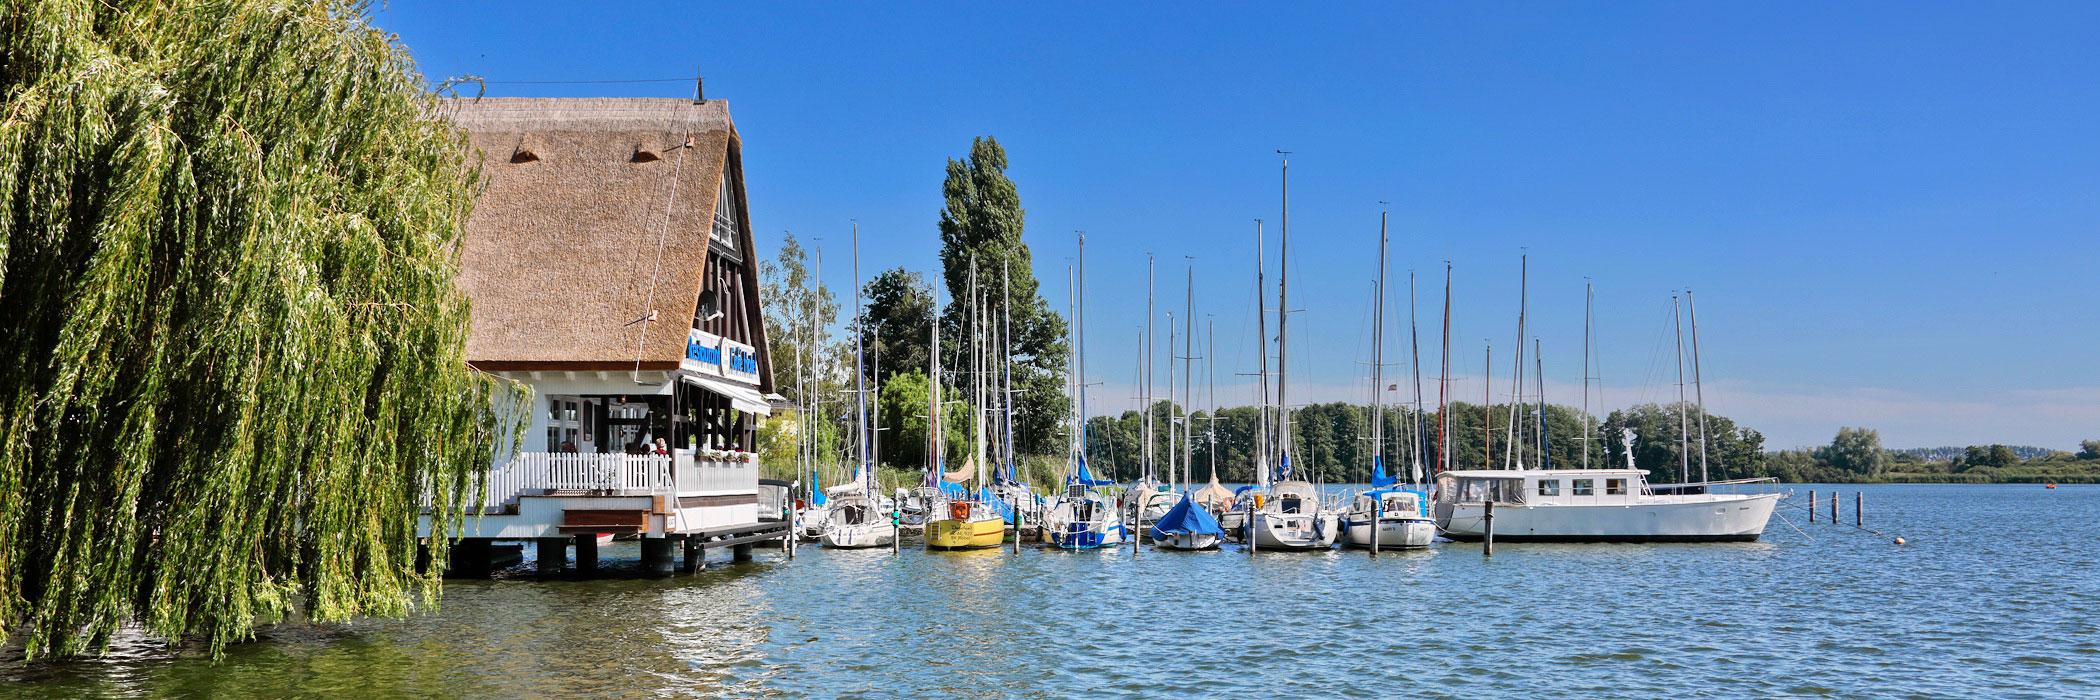 Segelboote - Hotel und Restaurant Seglerheim